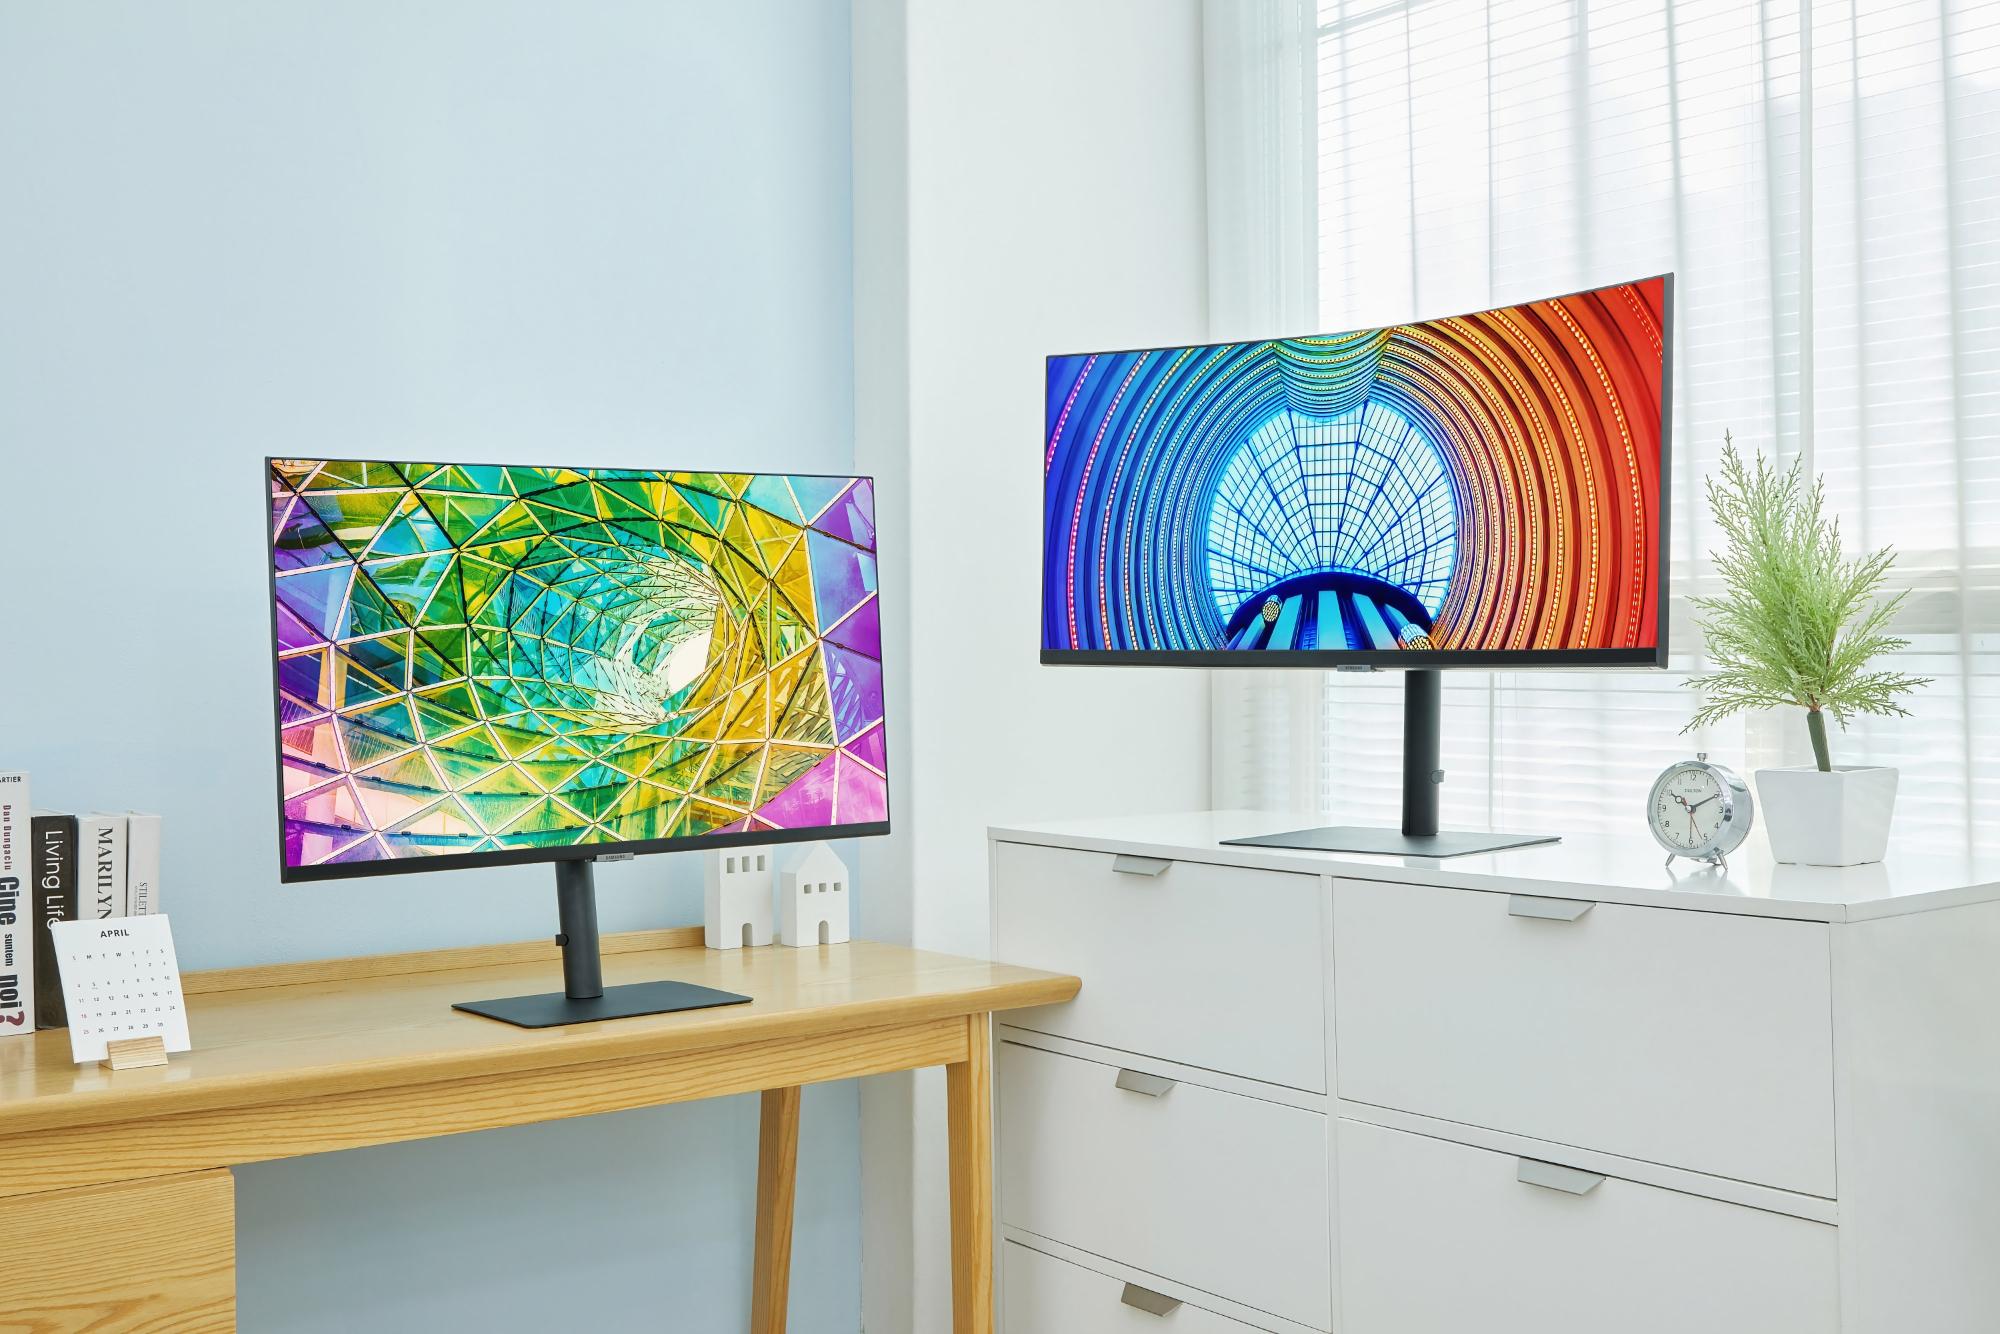 В Украине стартуют продажи новых мониторов Samsung High Resolution Monitors с диагоналями от 24 до 34 дюймов